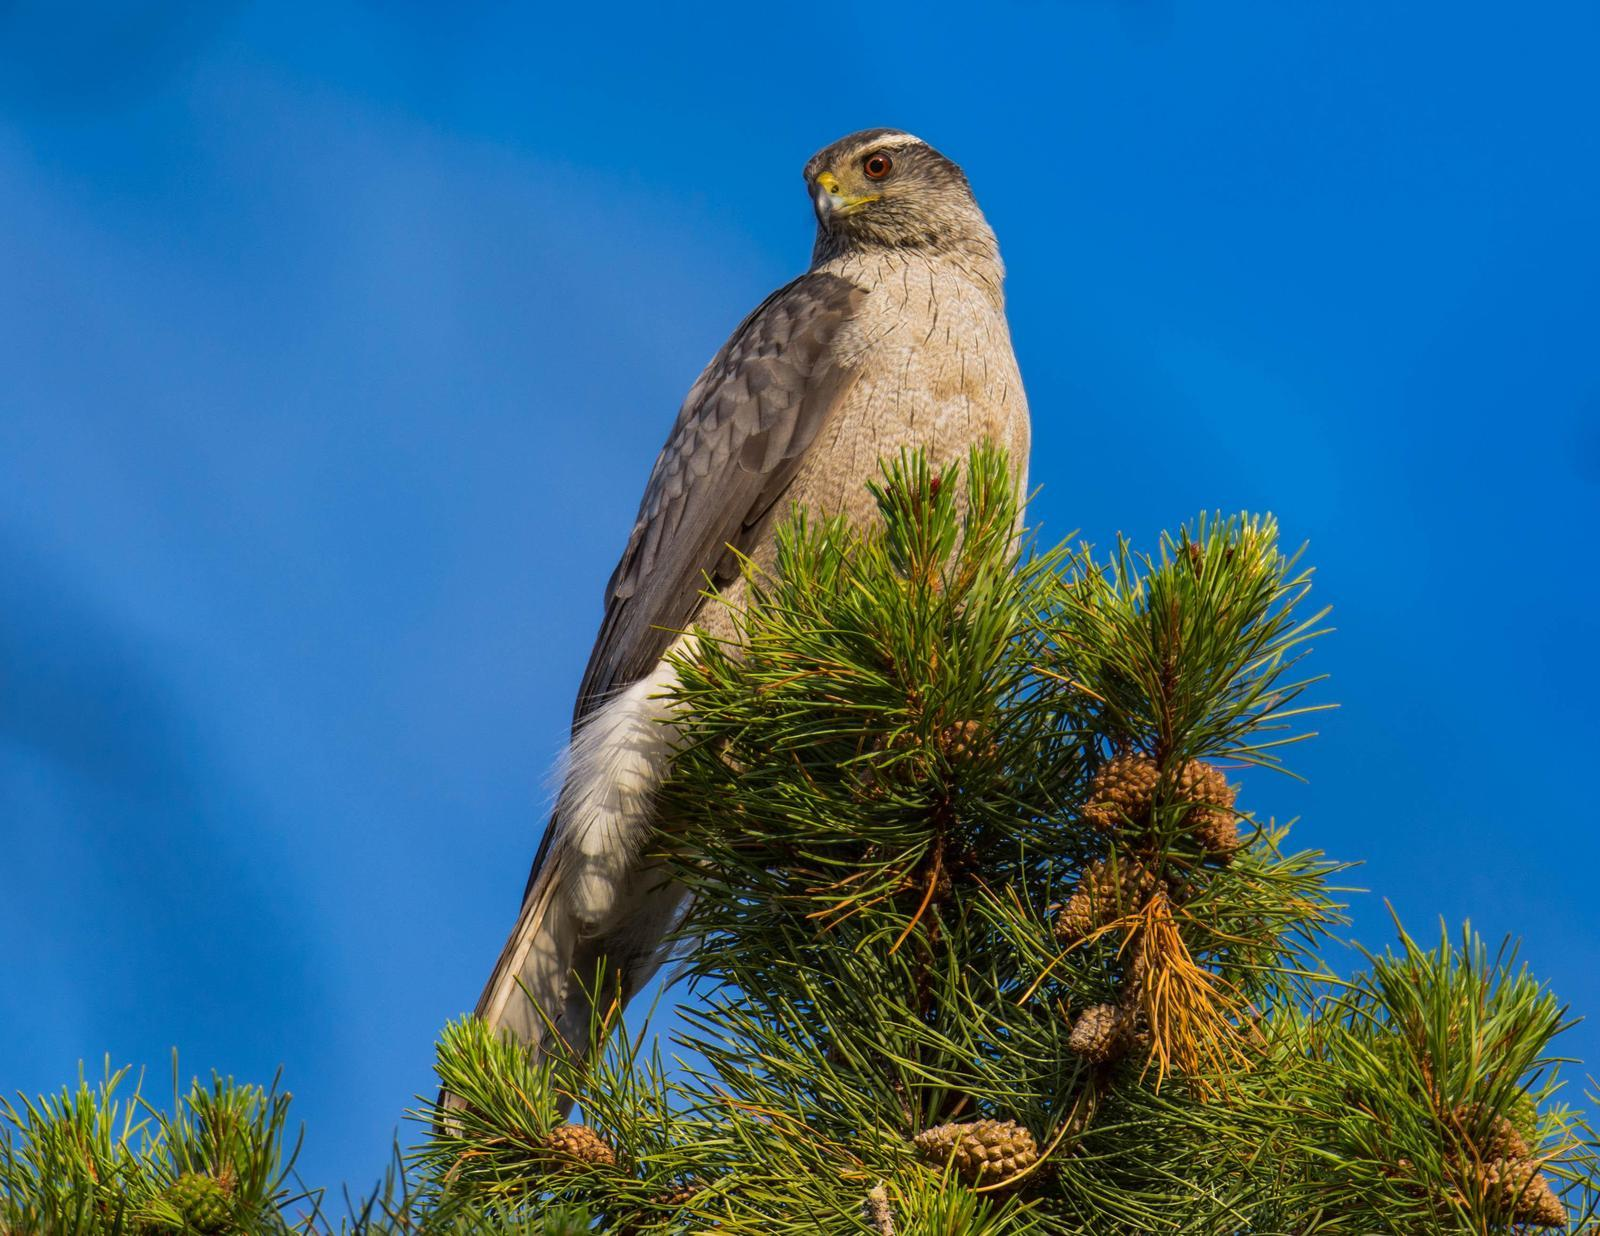 Northern Goshawk (American) Photo by Karen Prisby